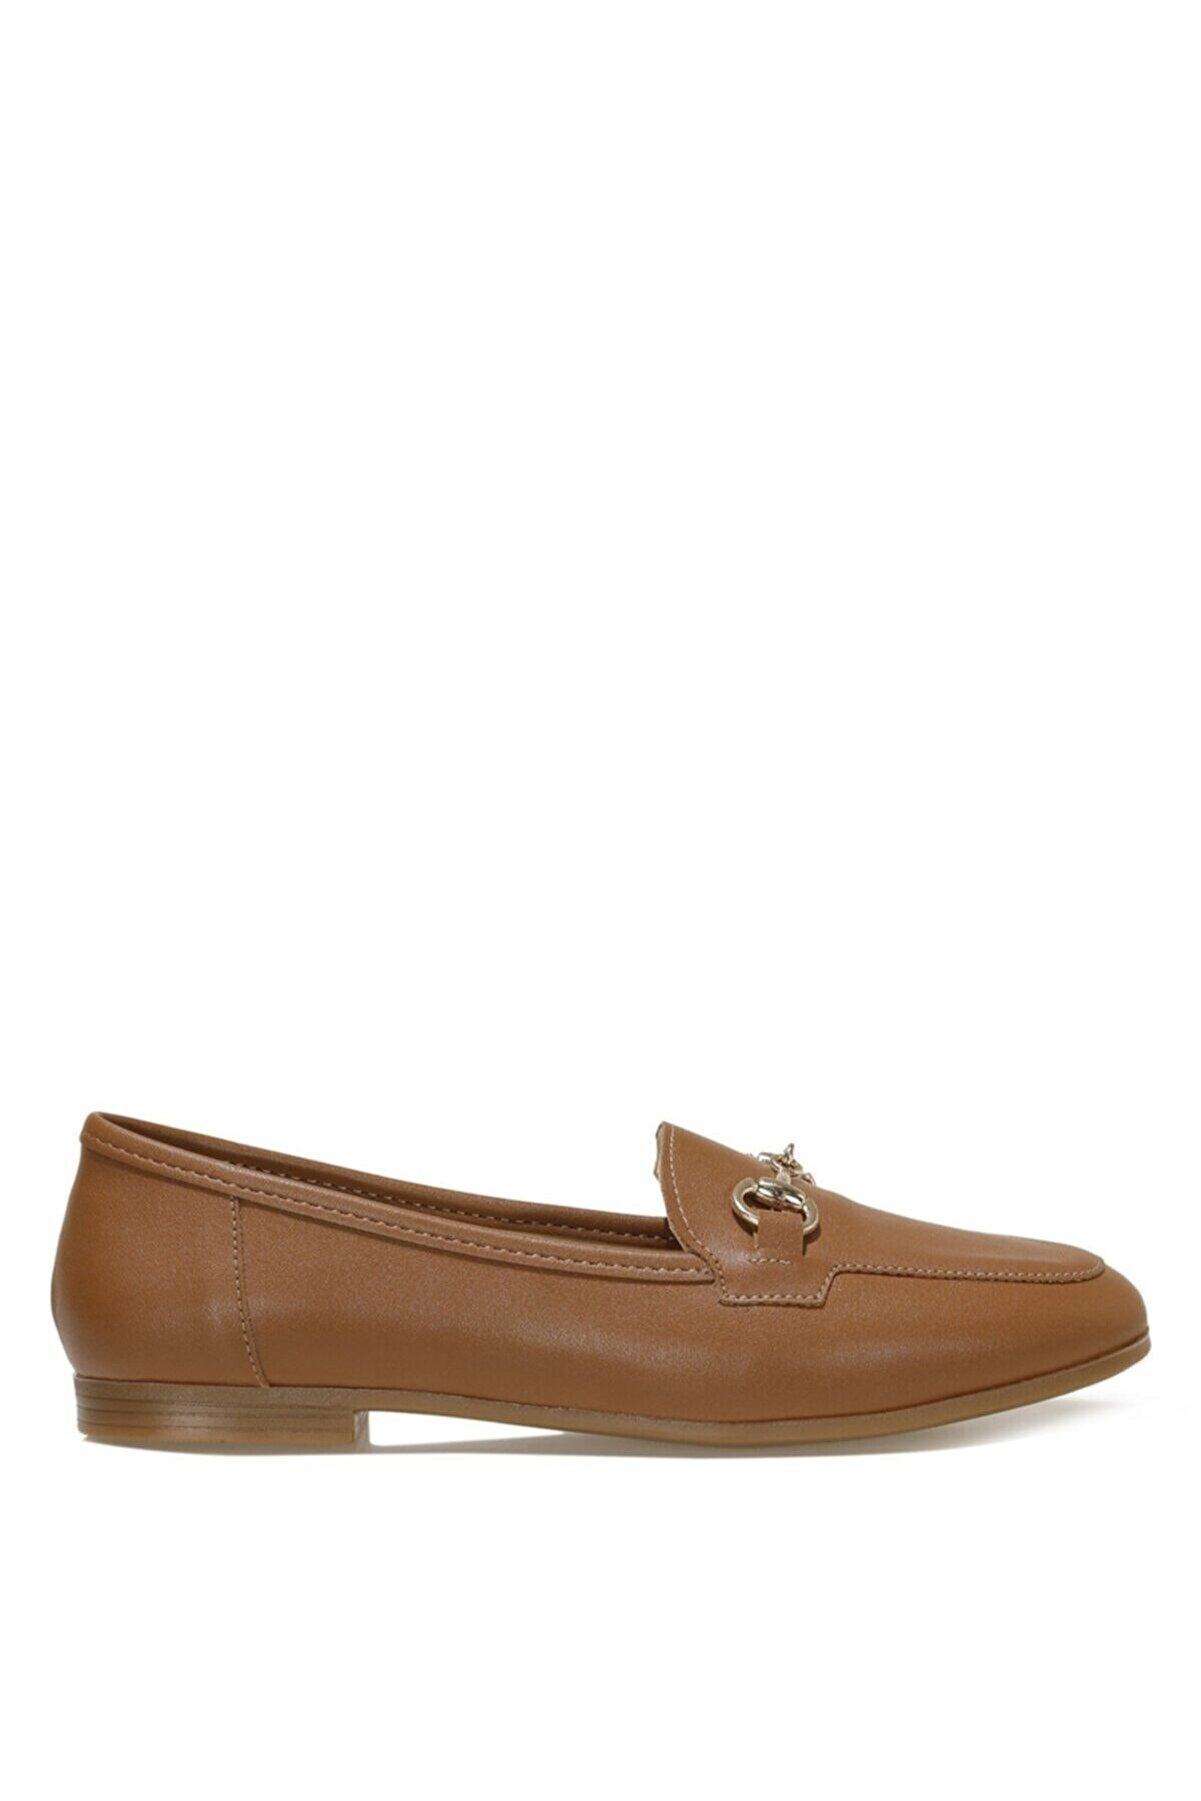 İnci SIMA.Z 1FX Taba Kadın Loafer Ayakkabı 101033765